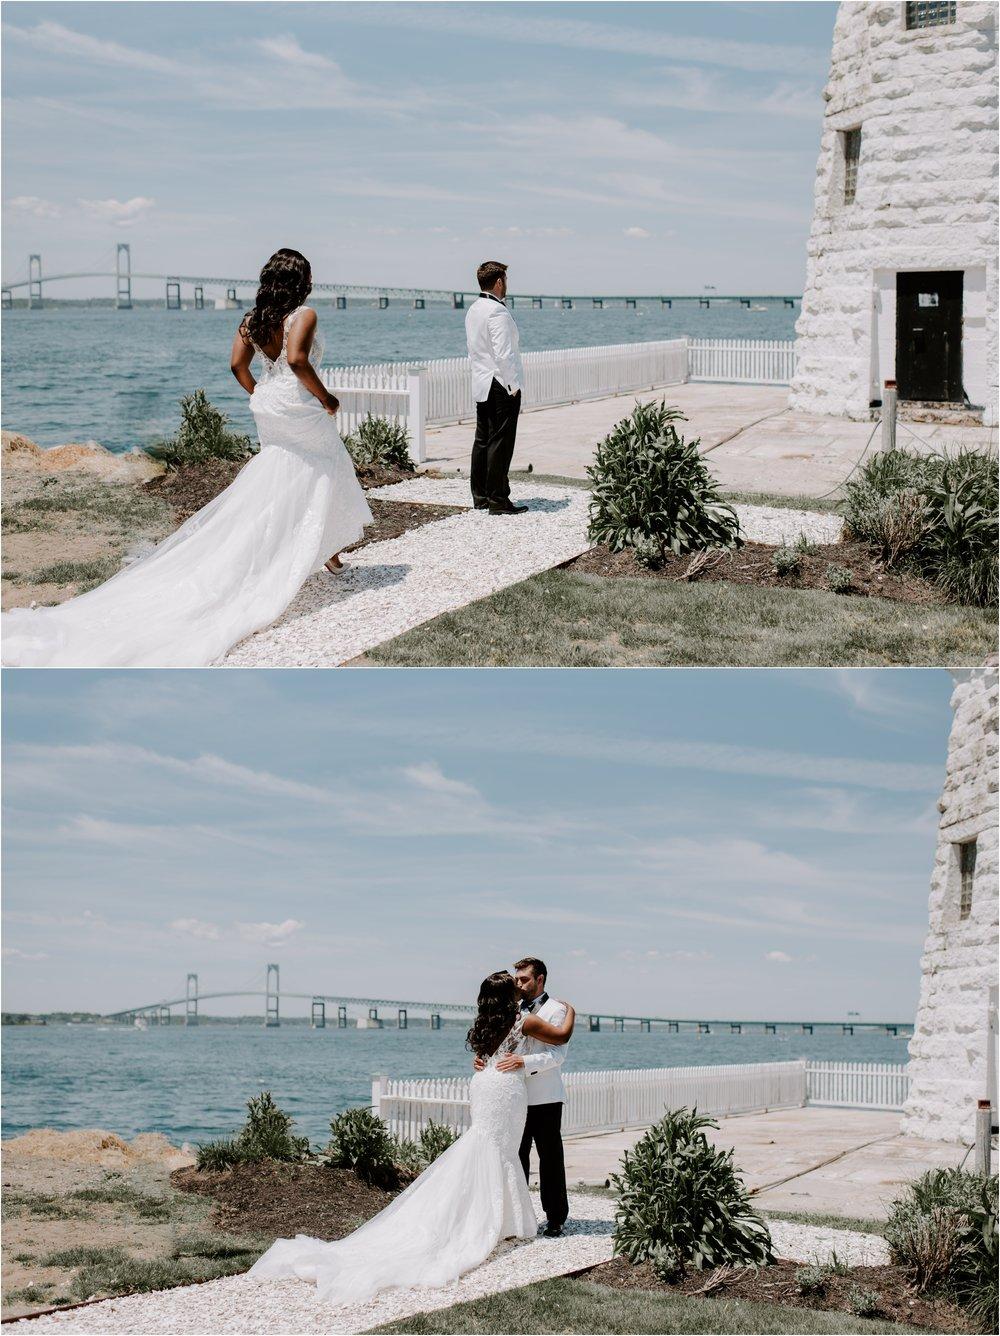 JANELLEANDJULIAN-wedding-madelinerosephotographyco_0010.jpg